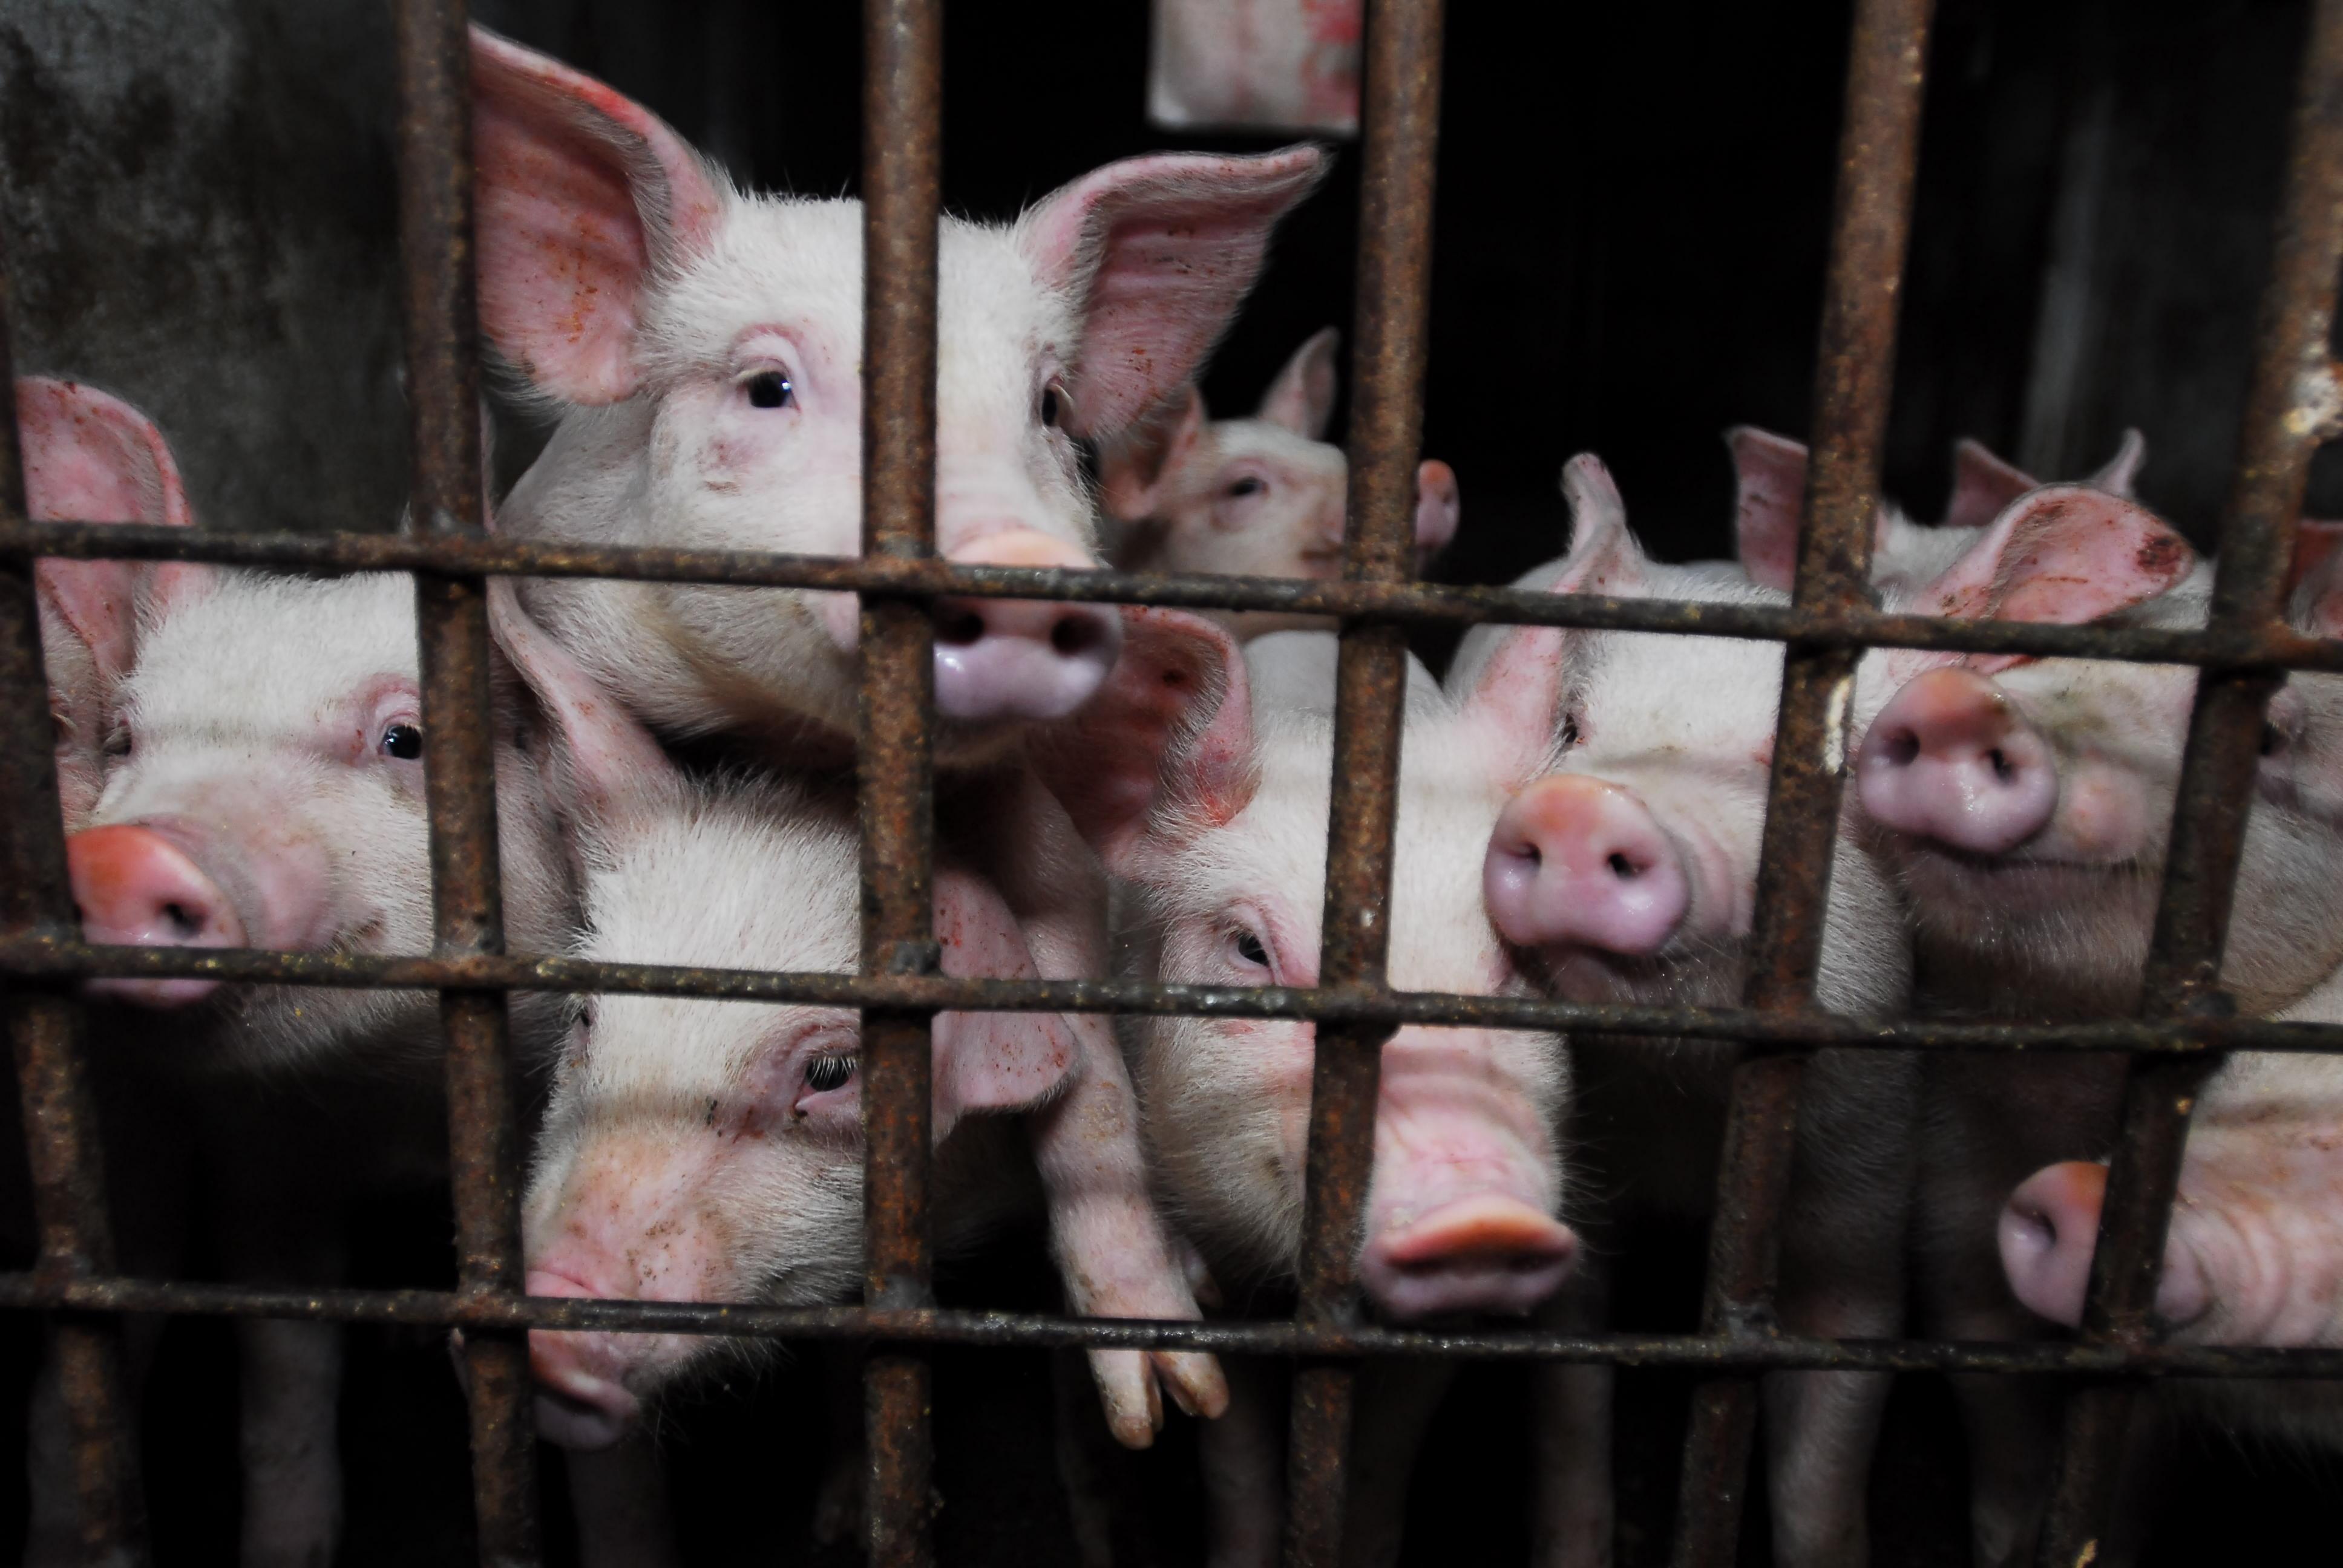 Pigs behind bars